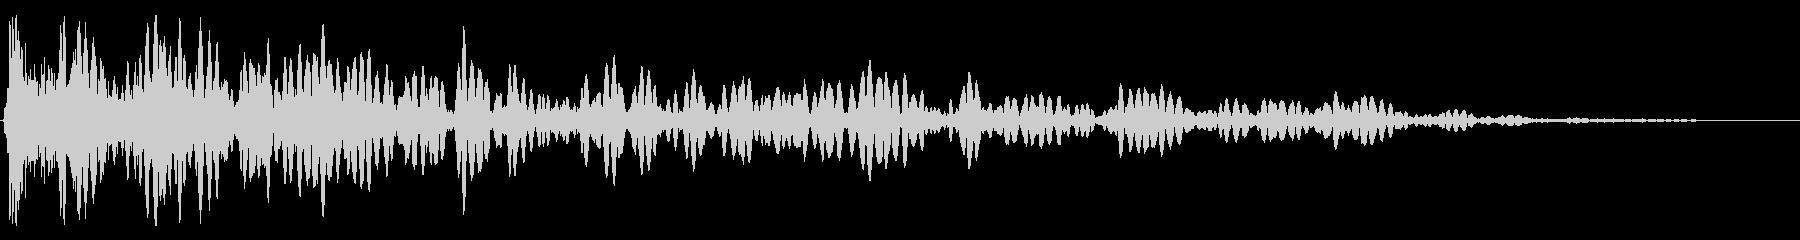 ヘビースペースクルクルエクスプロージョンの未再生の波形